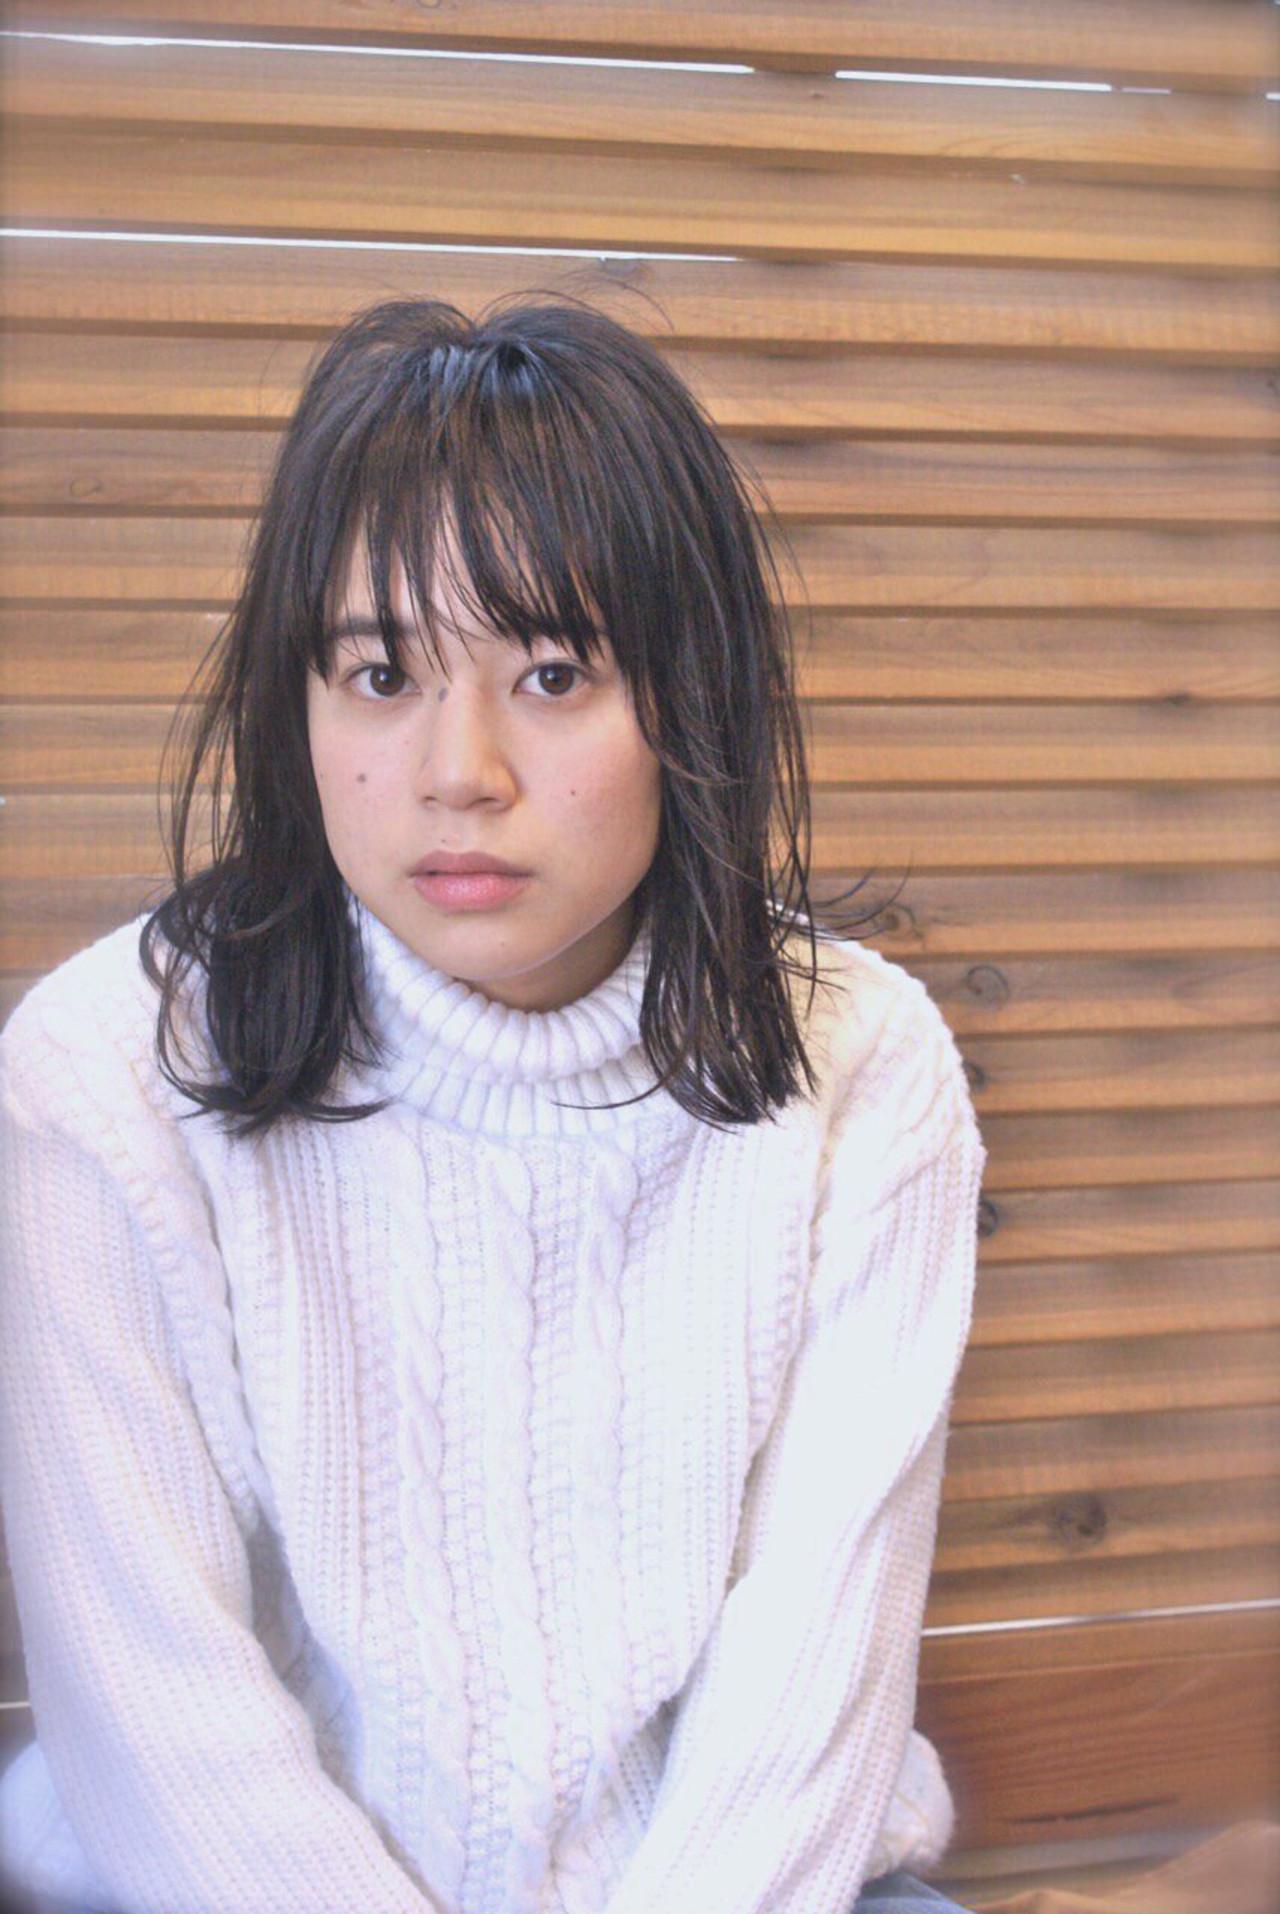 髪のお悩み相談☆「ネコっ毛でボリュームがない」女性には必須のふわふわ髪をGETしよう♡ NAOKI / AUBE harajuku